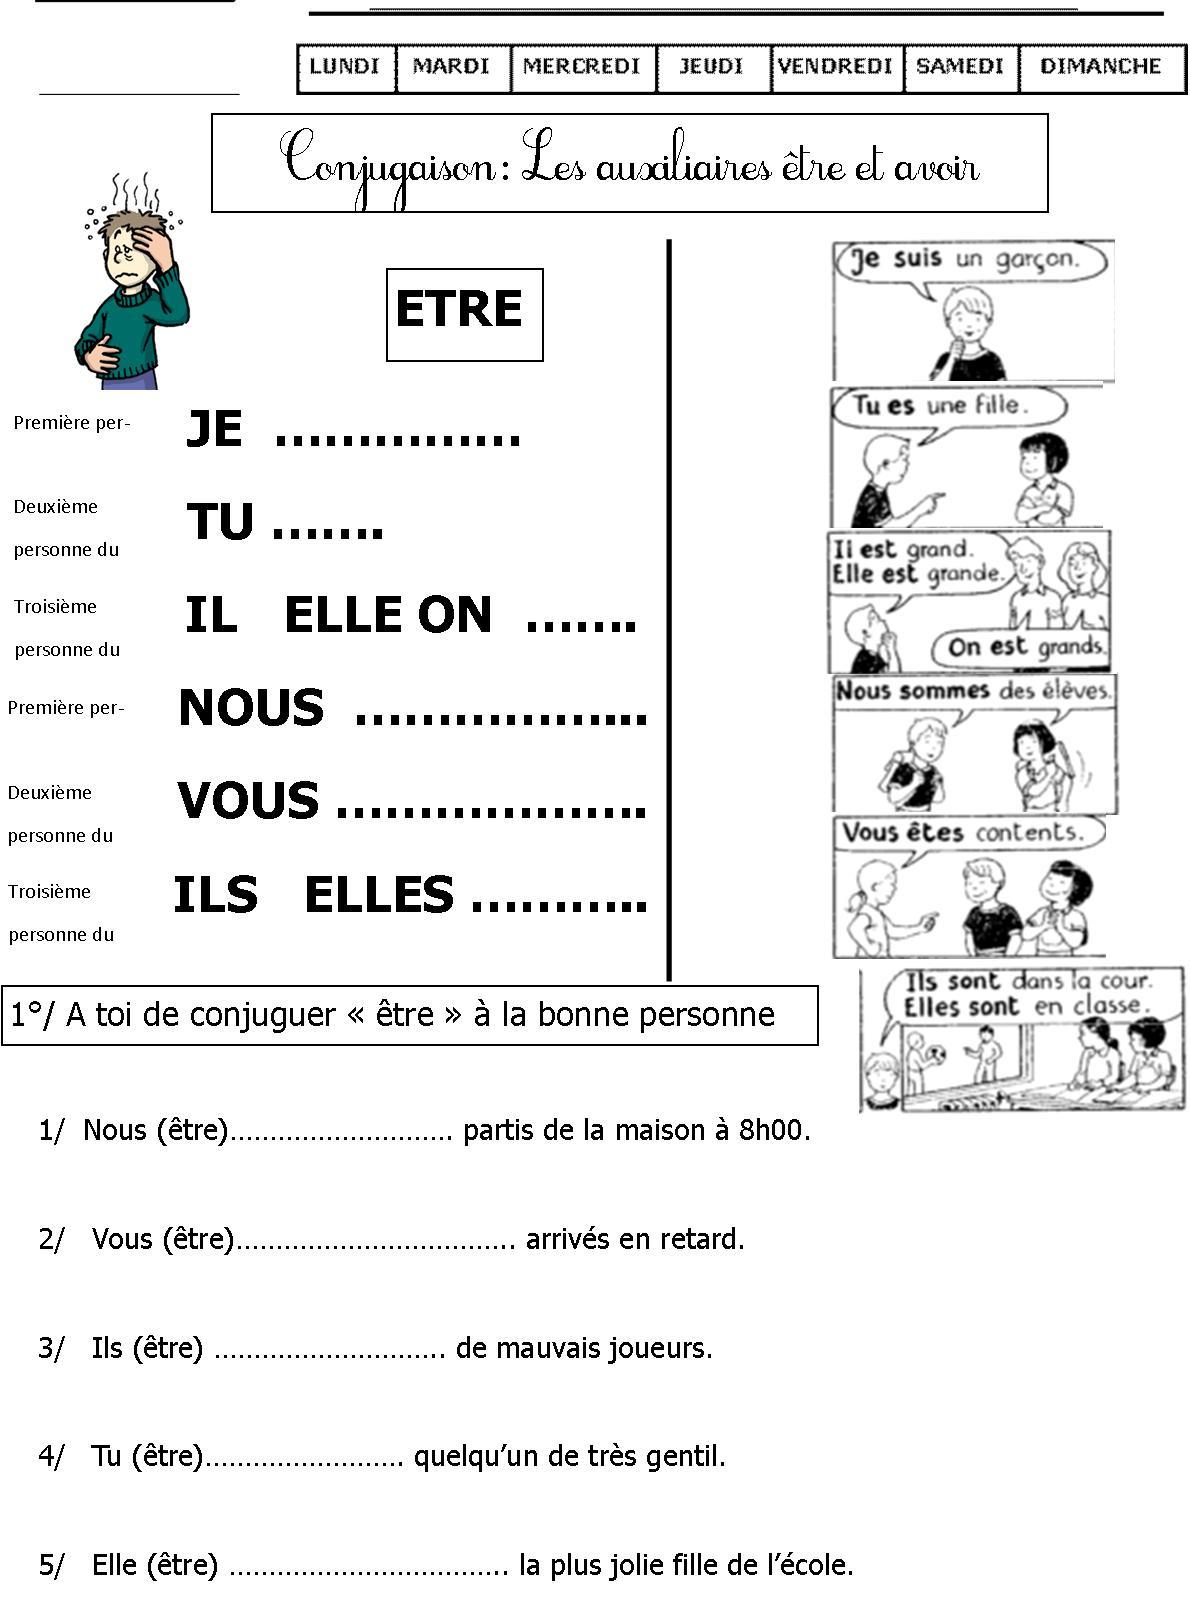 Exercices De Conjugaison Ce1 | Le Blog De Monsieur Mathieu dedans Exercice Grande Section Maternelle Gratuit A Imprimer